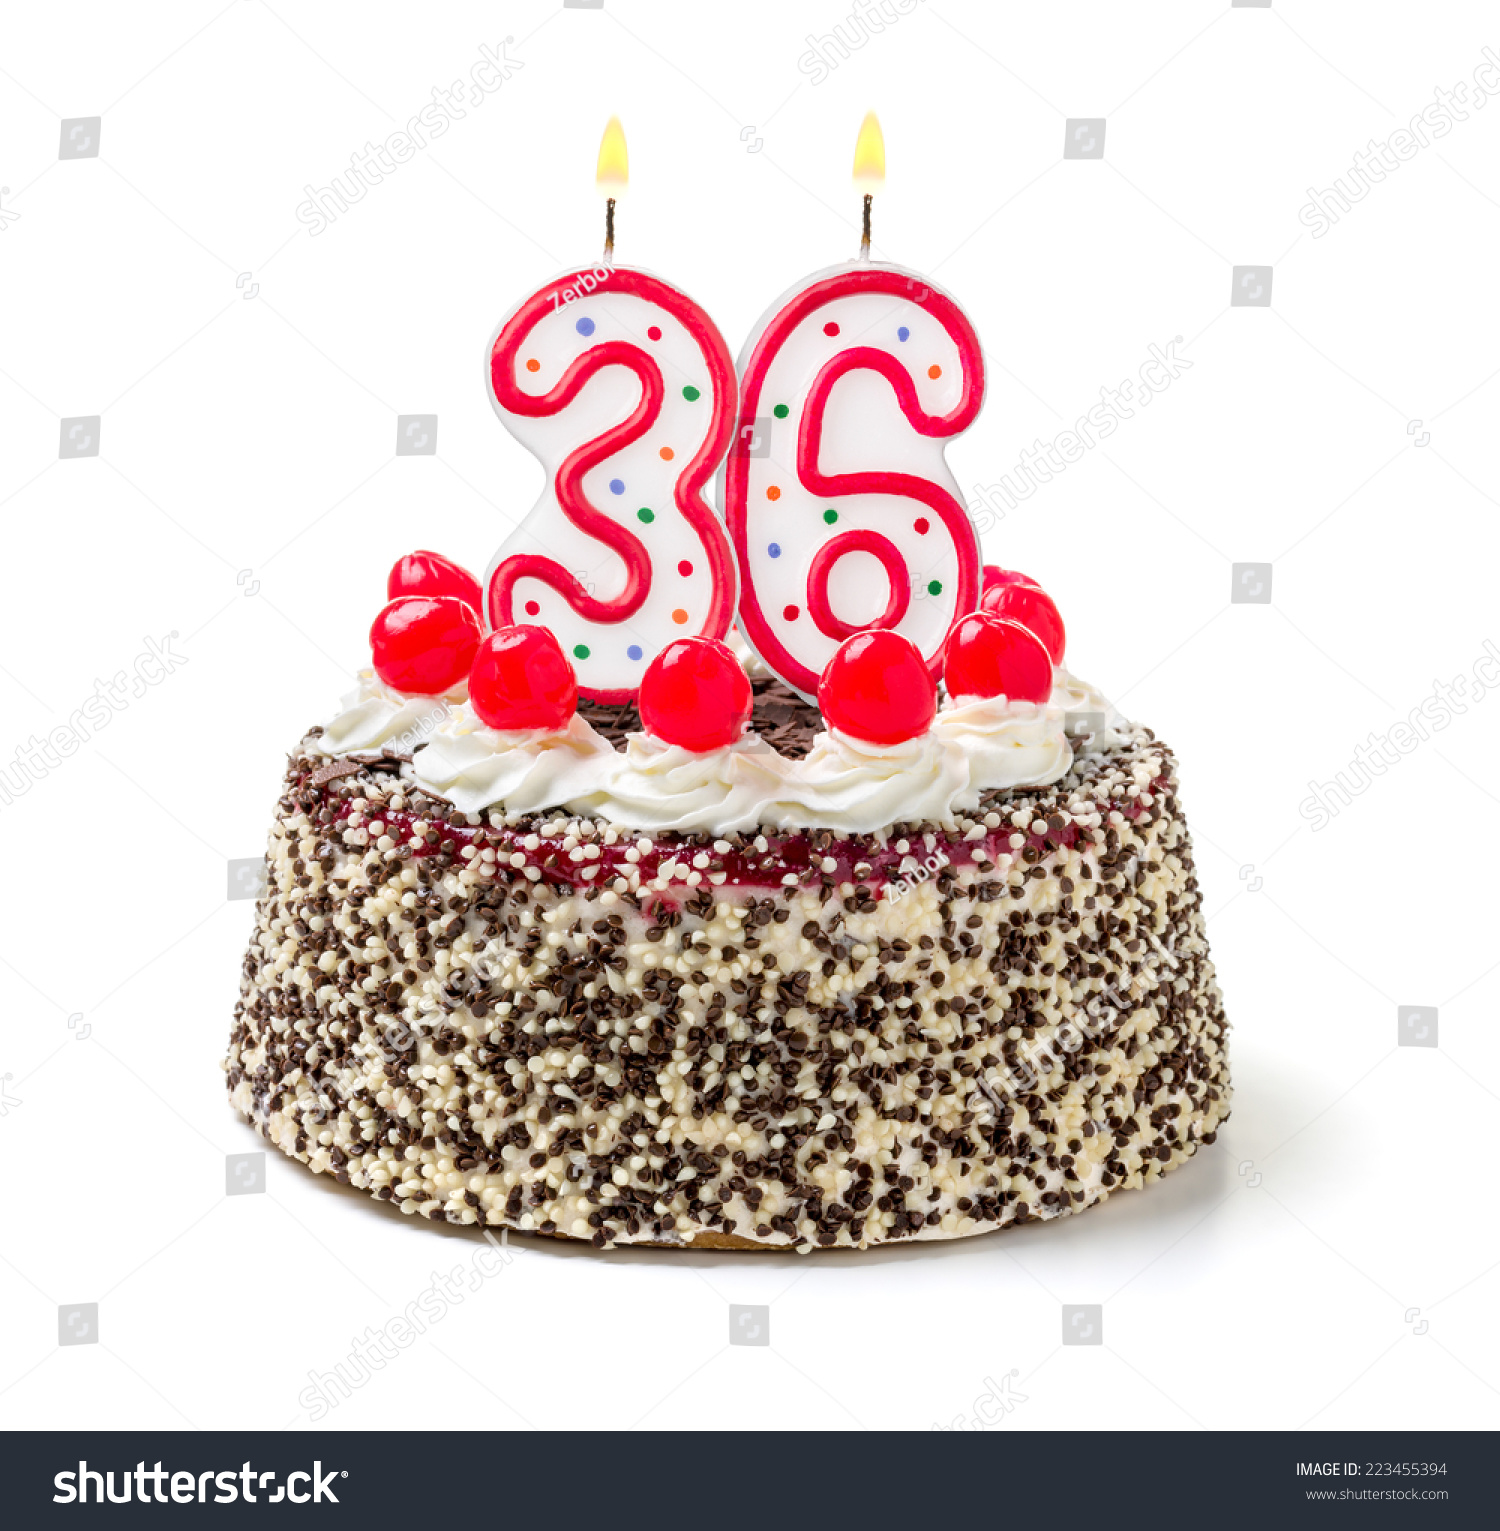 Birthday Cake Burning Candle Number 36 Stock Photo